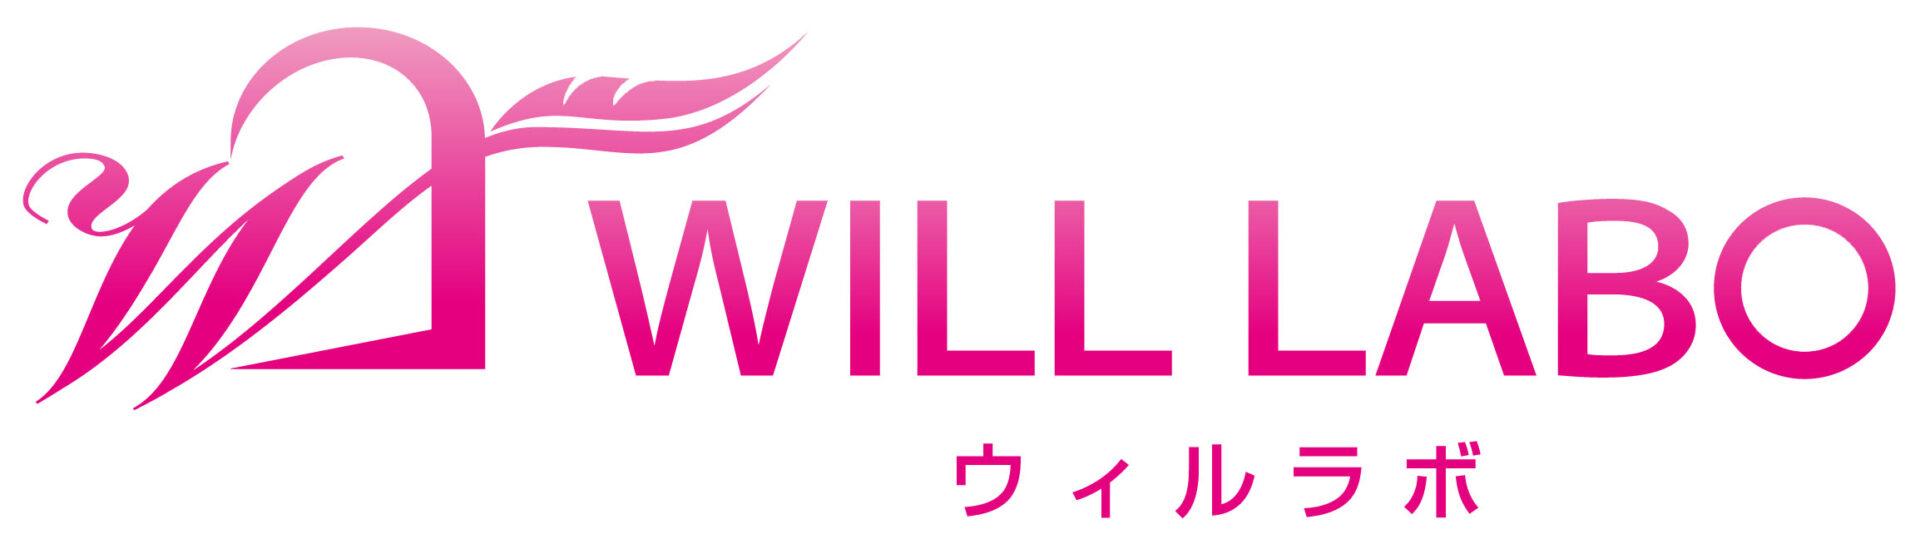 東京の顔タイプ診断・骨格診断・パーソナルカラー診断・美顔バランス診断・メイクレッスンならウィルラボ